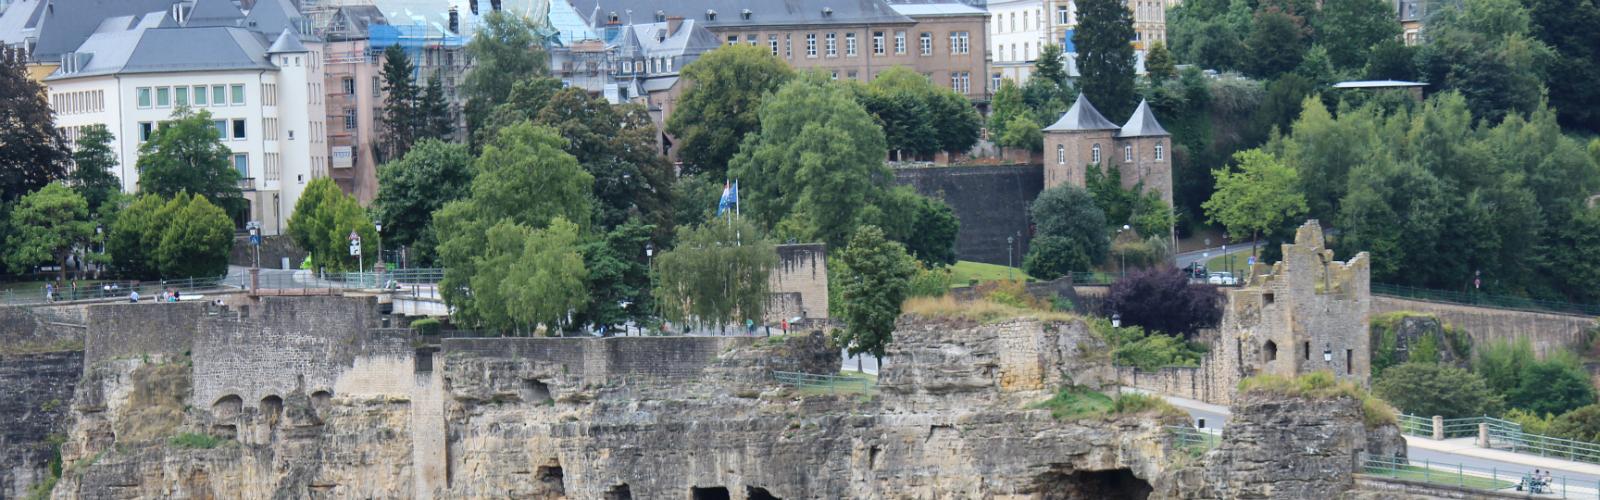 Last minute naar Luxemburg? Grijp je kans!